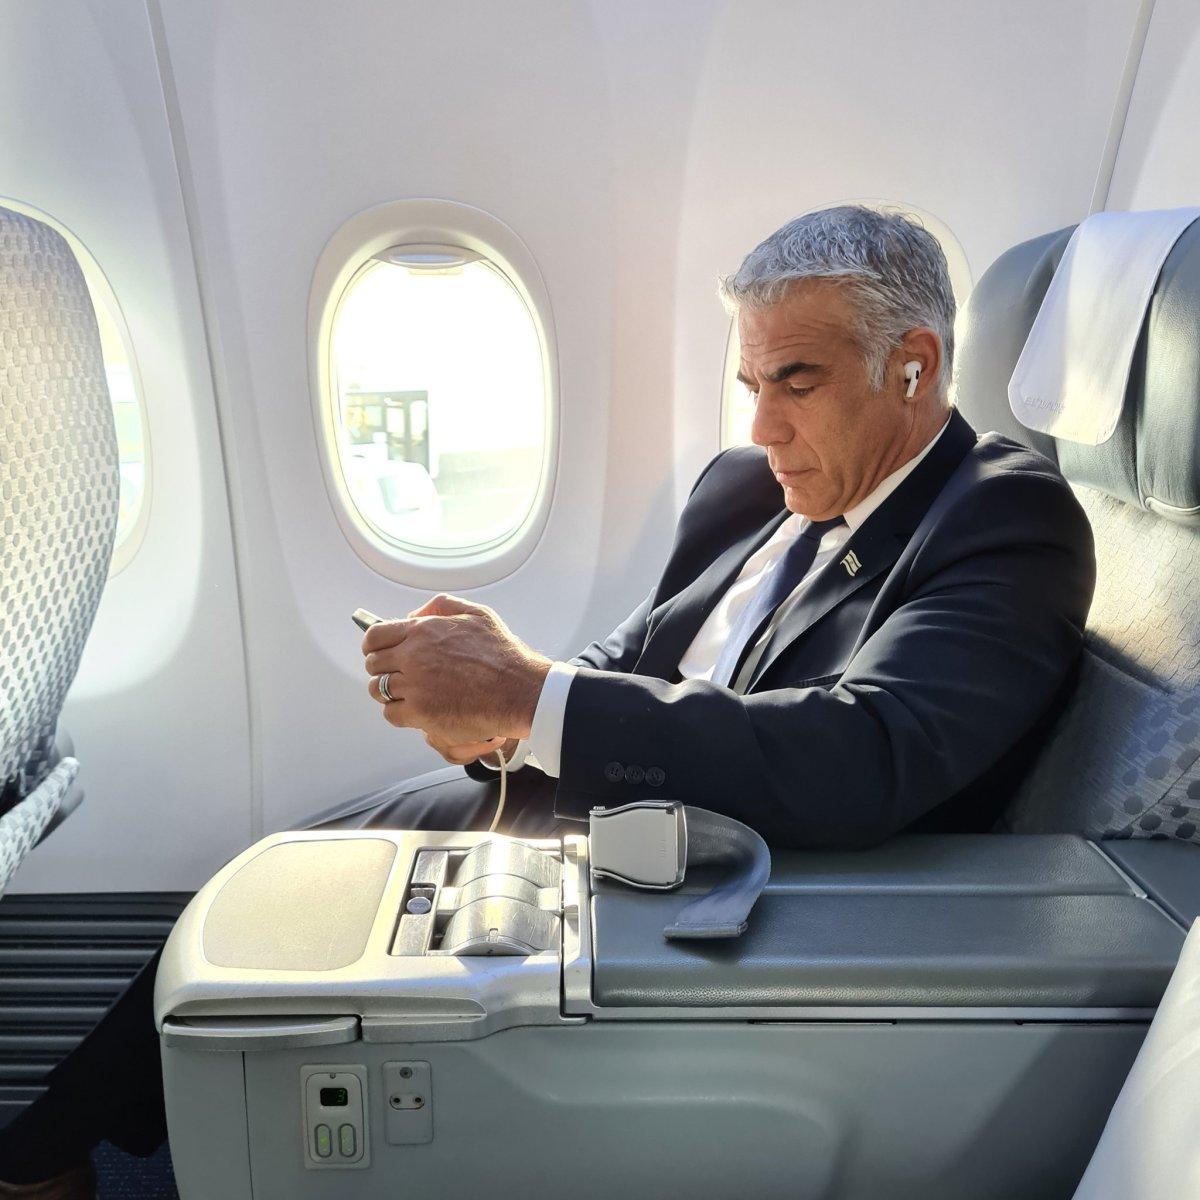 Lapid megérkezett az Egyesült Arab Emírségekbe   Új Kelet online